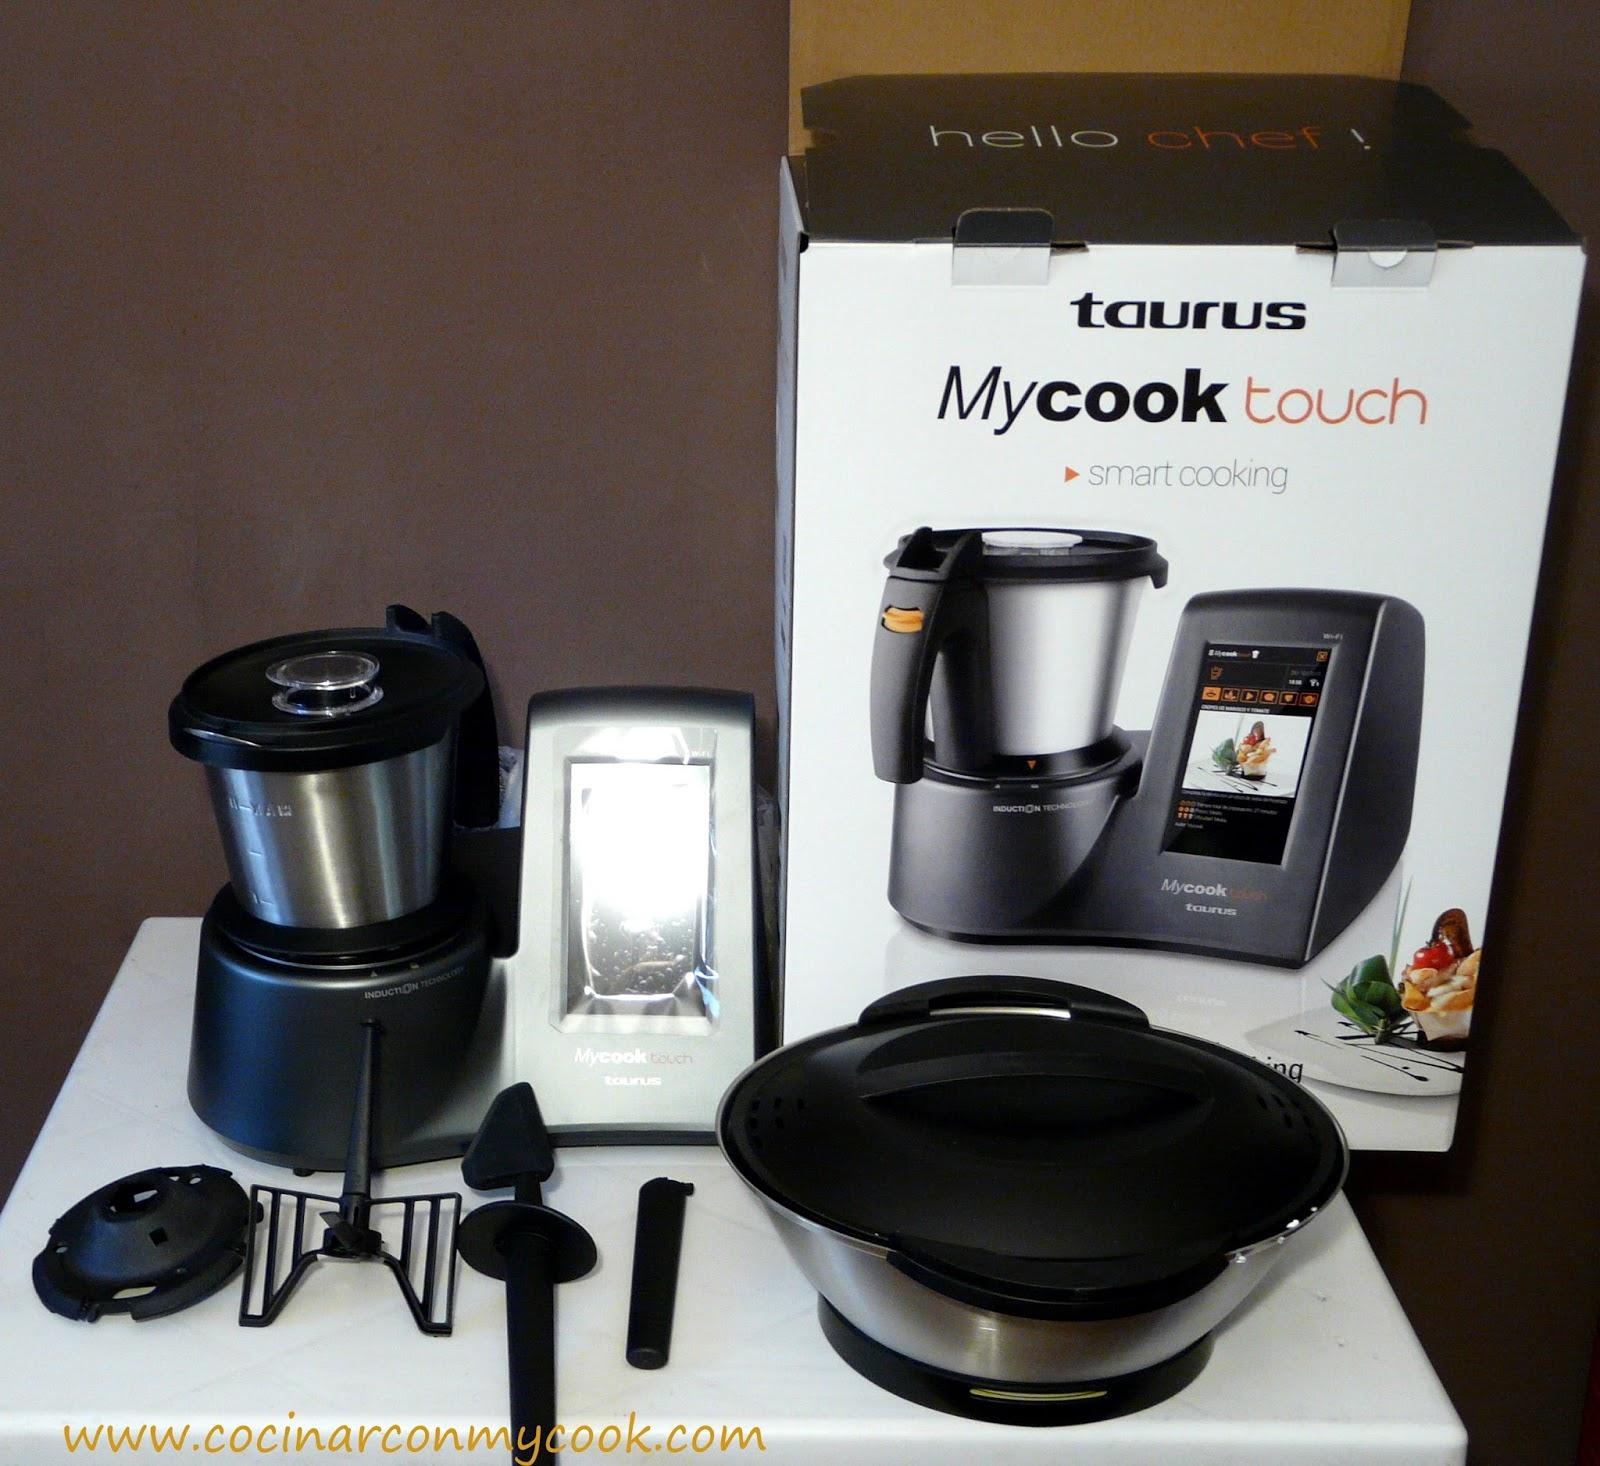 Cocinar con mycook diciembre 2015 for Cocinar con robot